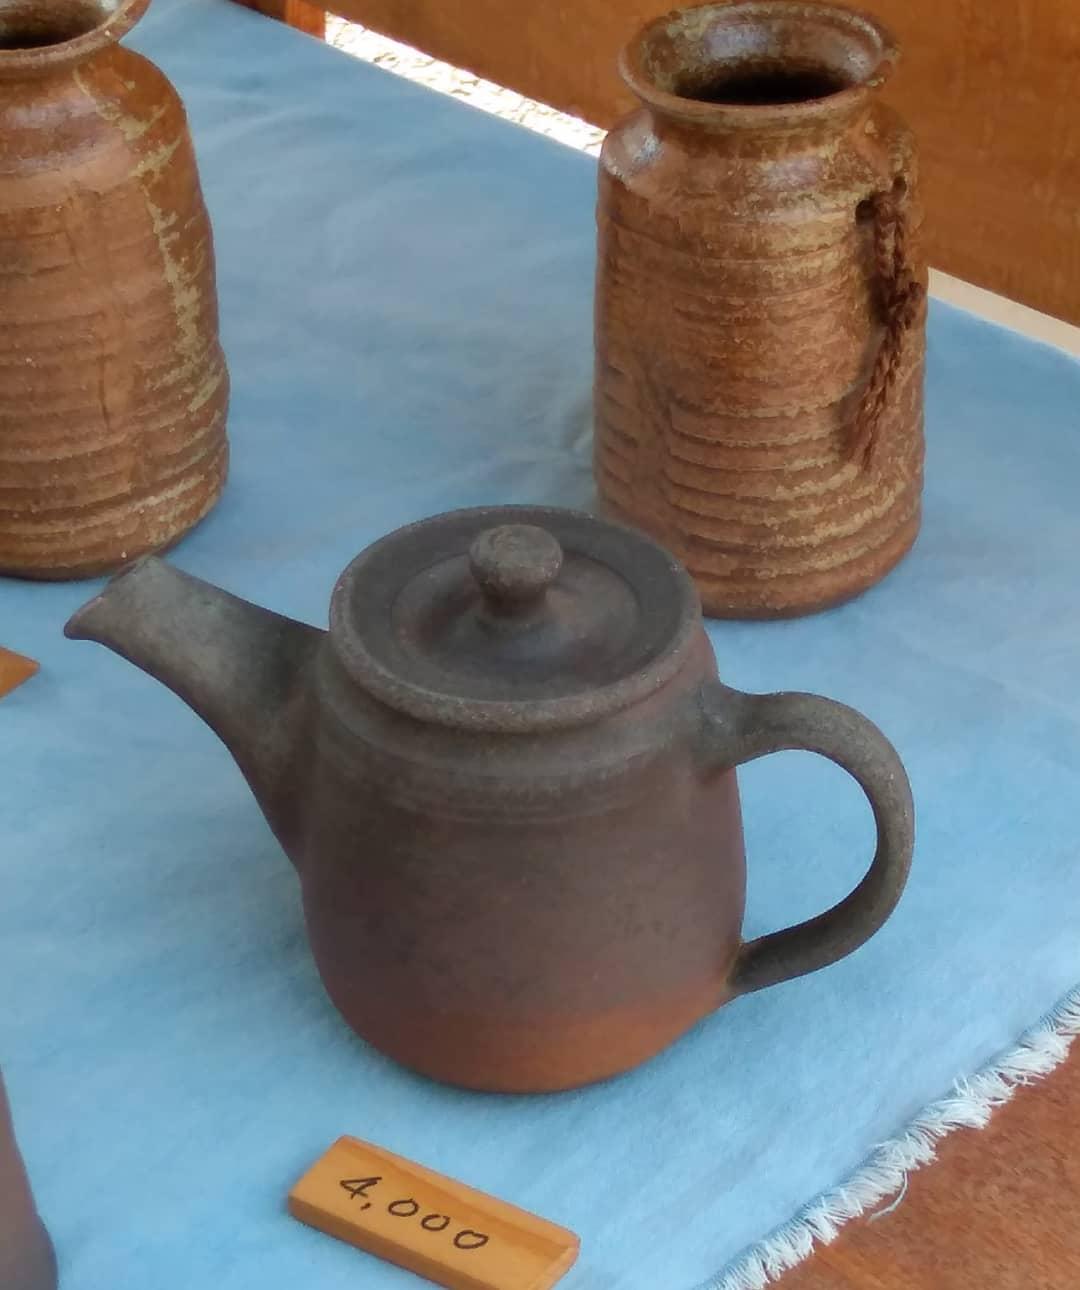 4丁目238。新荘川焼。急須。薪窯。#studiozen#teapot#woodkyln#sundaymarket#kouchijapan